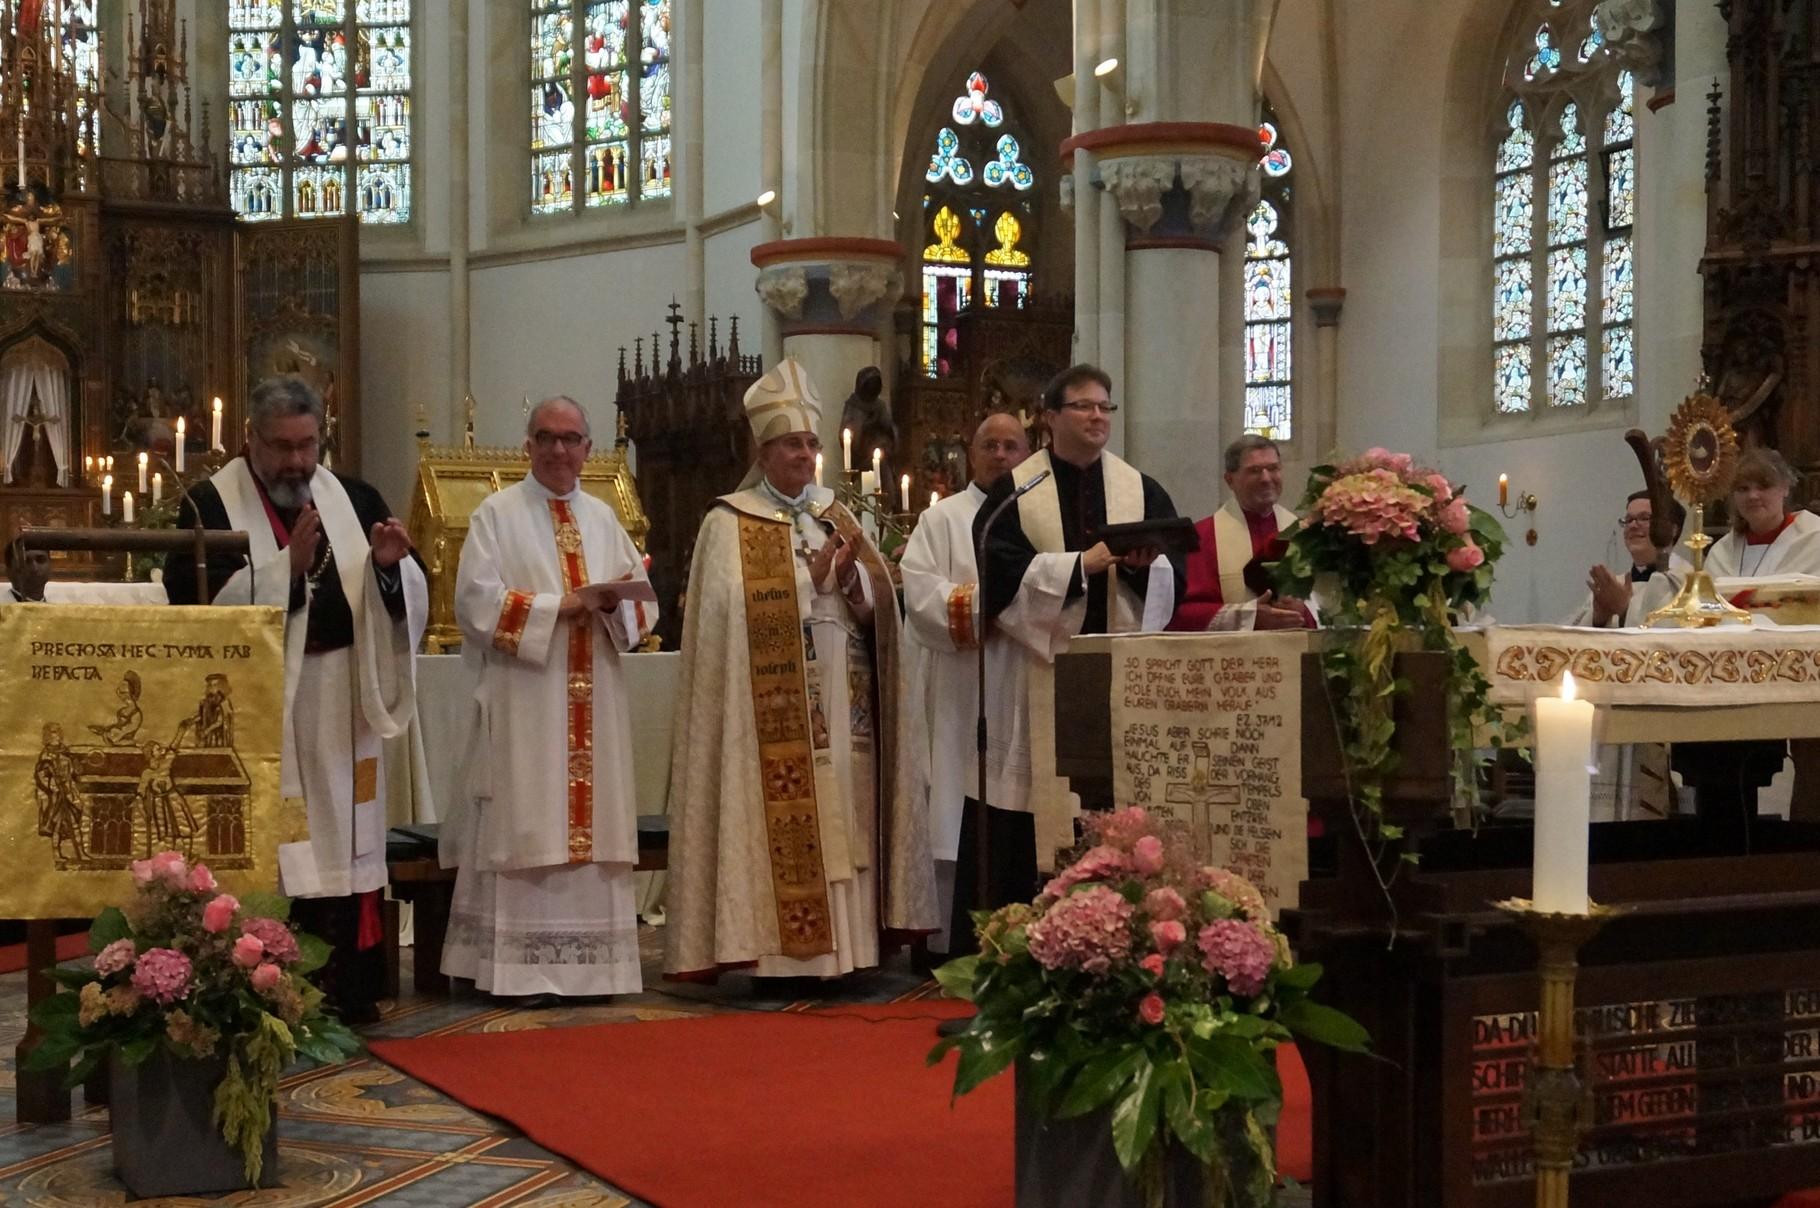 Danke von Pastor Kosmann an den Bischof und alle Beteiligten